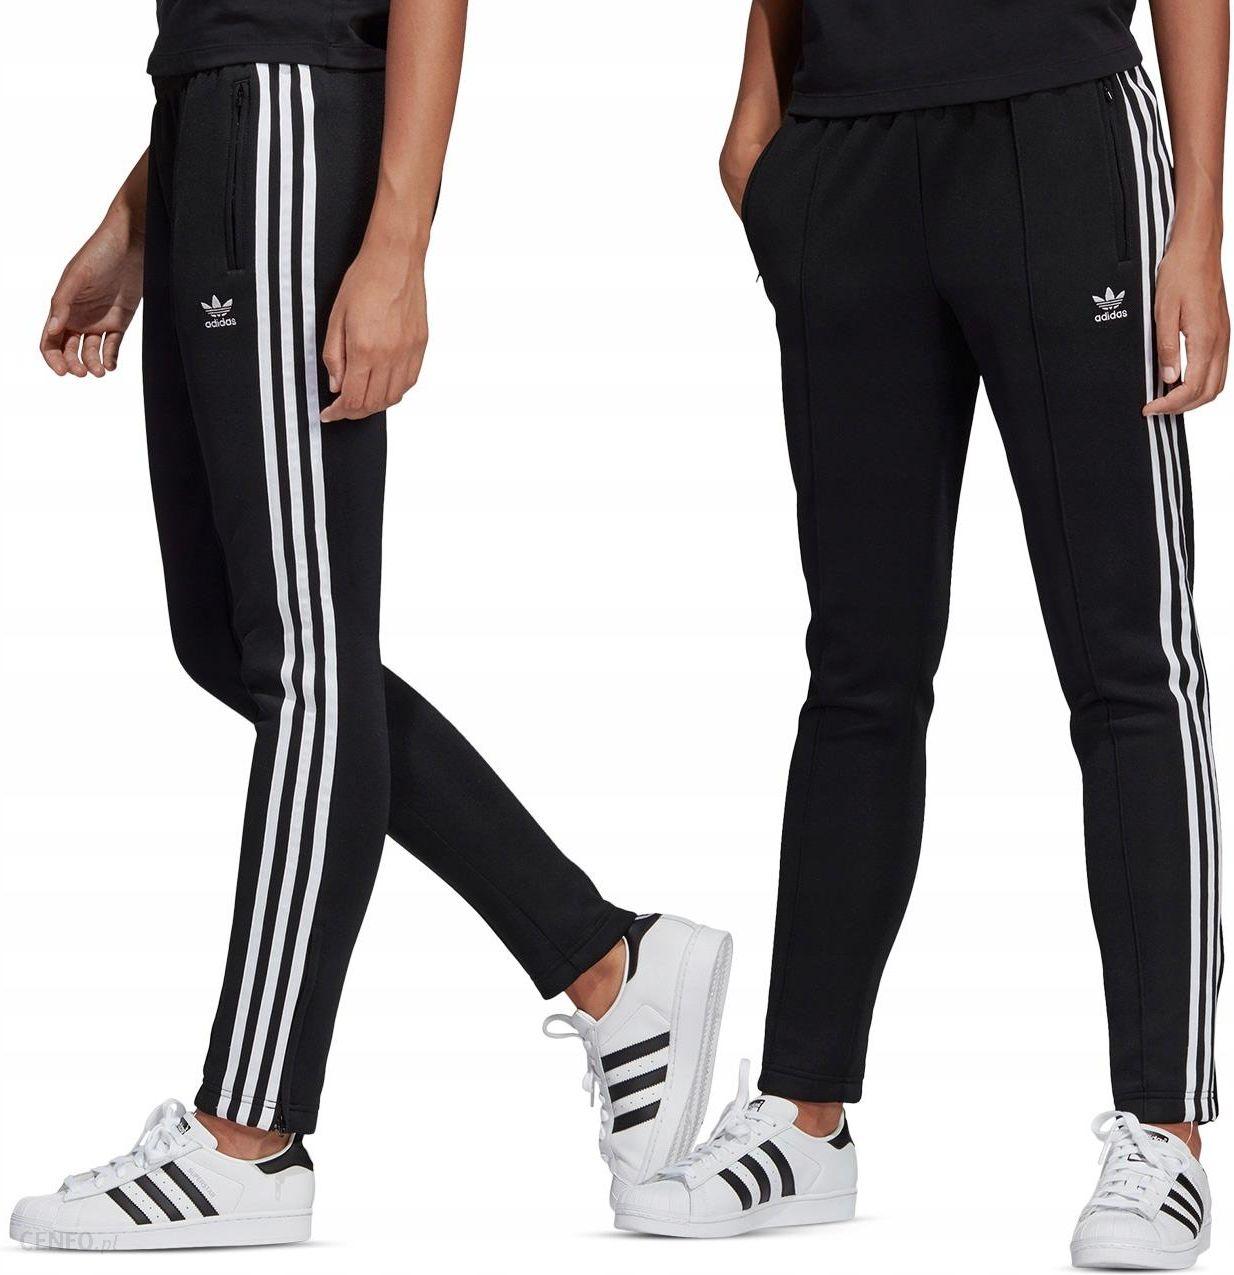 Spodnie dresowe damskie Dresy adidas Originals Ceny i opinie Ceneo.pl